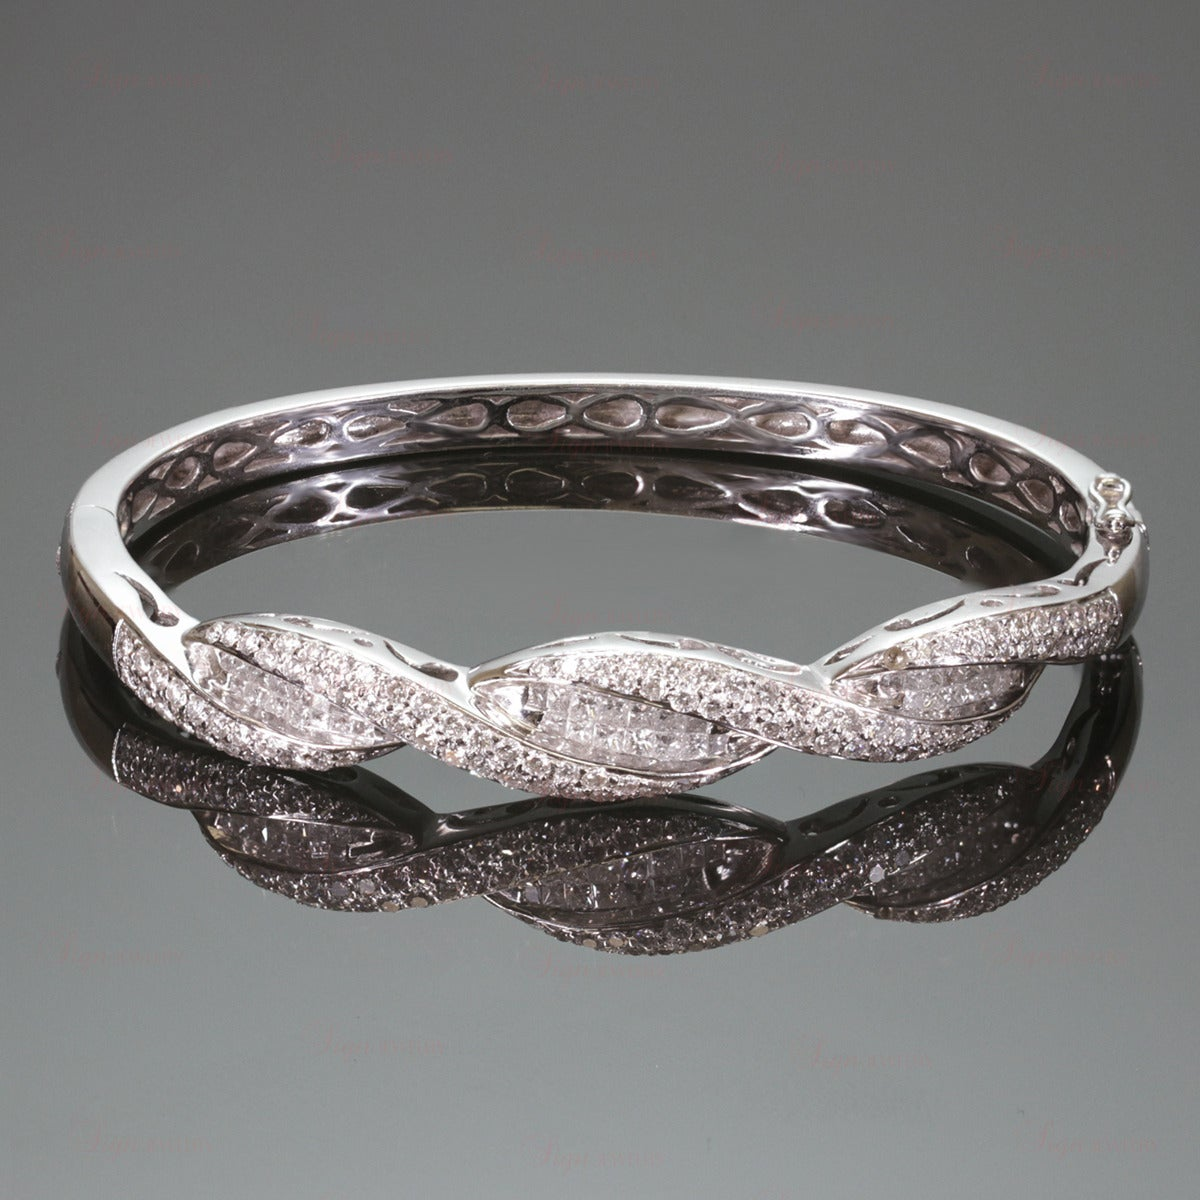 Diamond White Gold Bangle Bracelet at 1stdibs